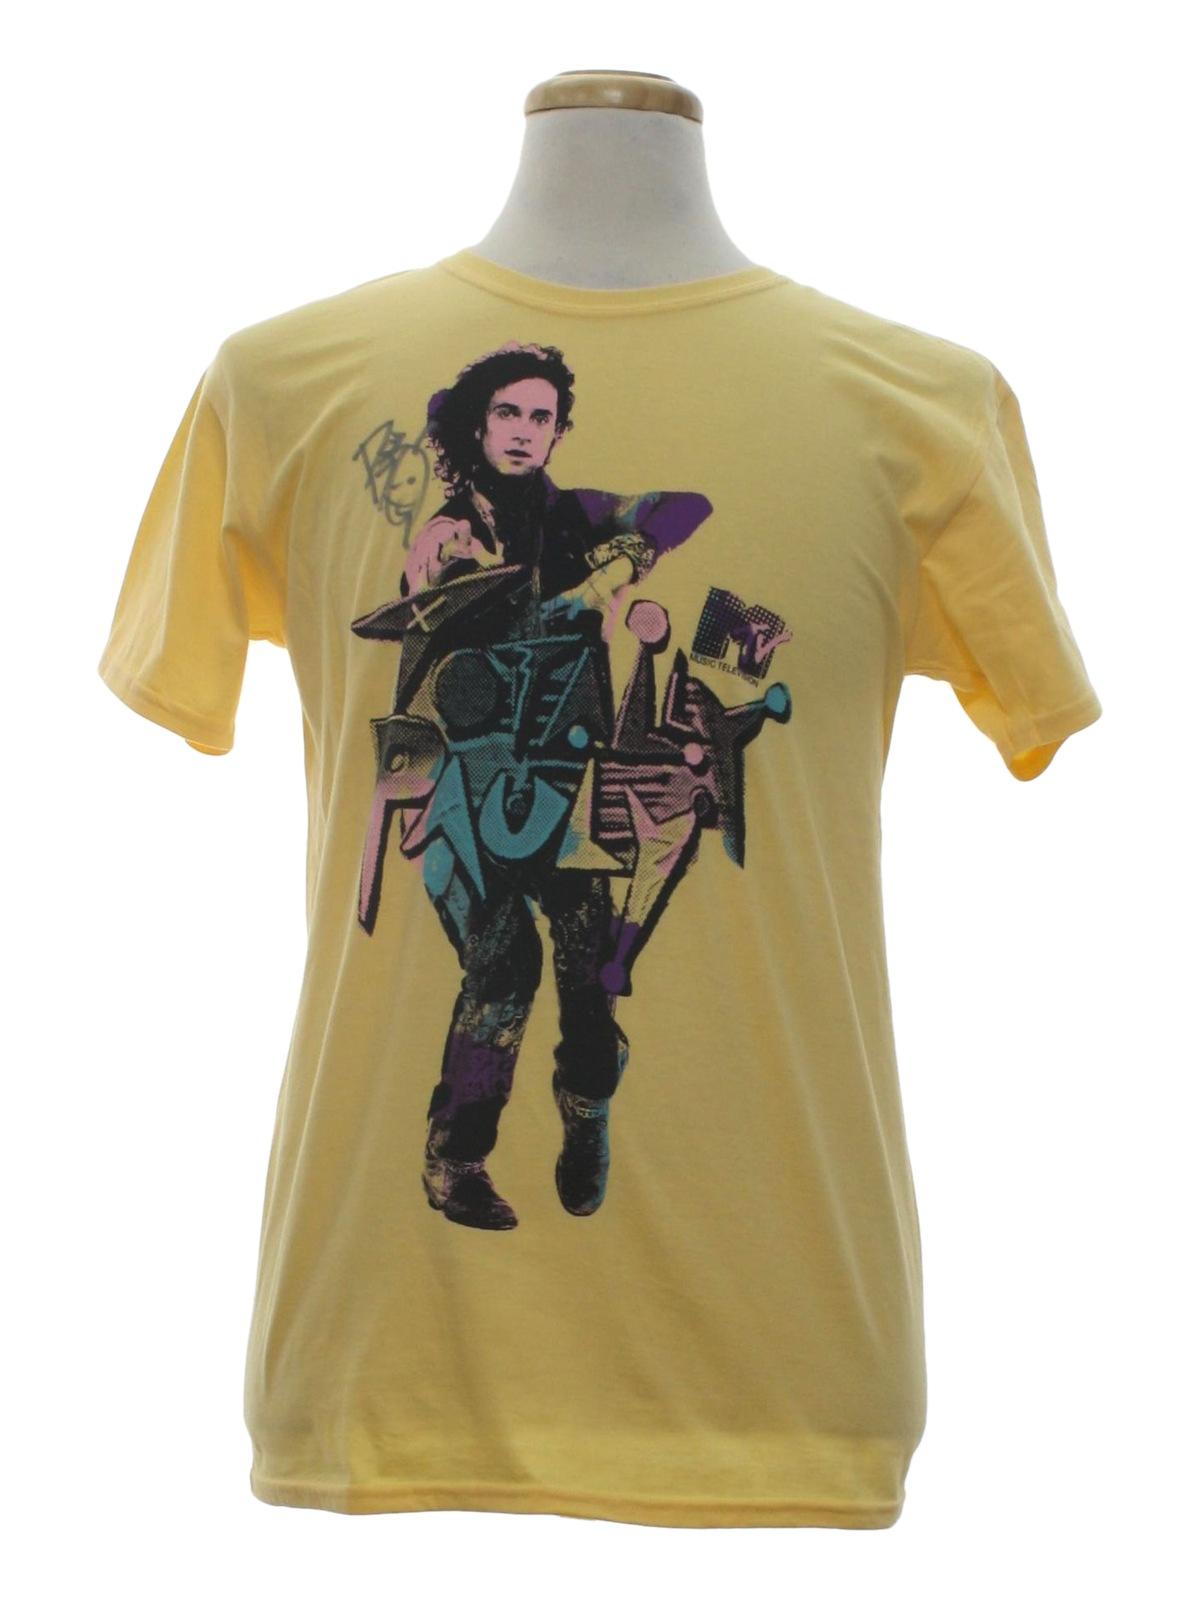 Vintage gildan soft style 90 39 s t shirt 90s gildan soft for Celebrity t shirts wholesale